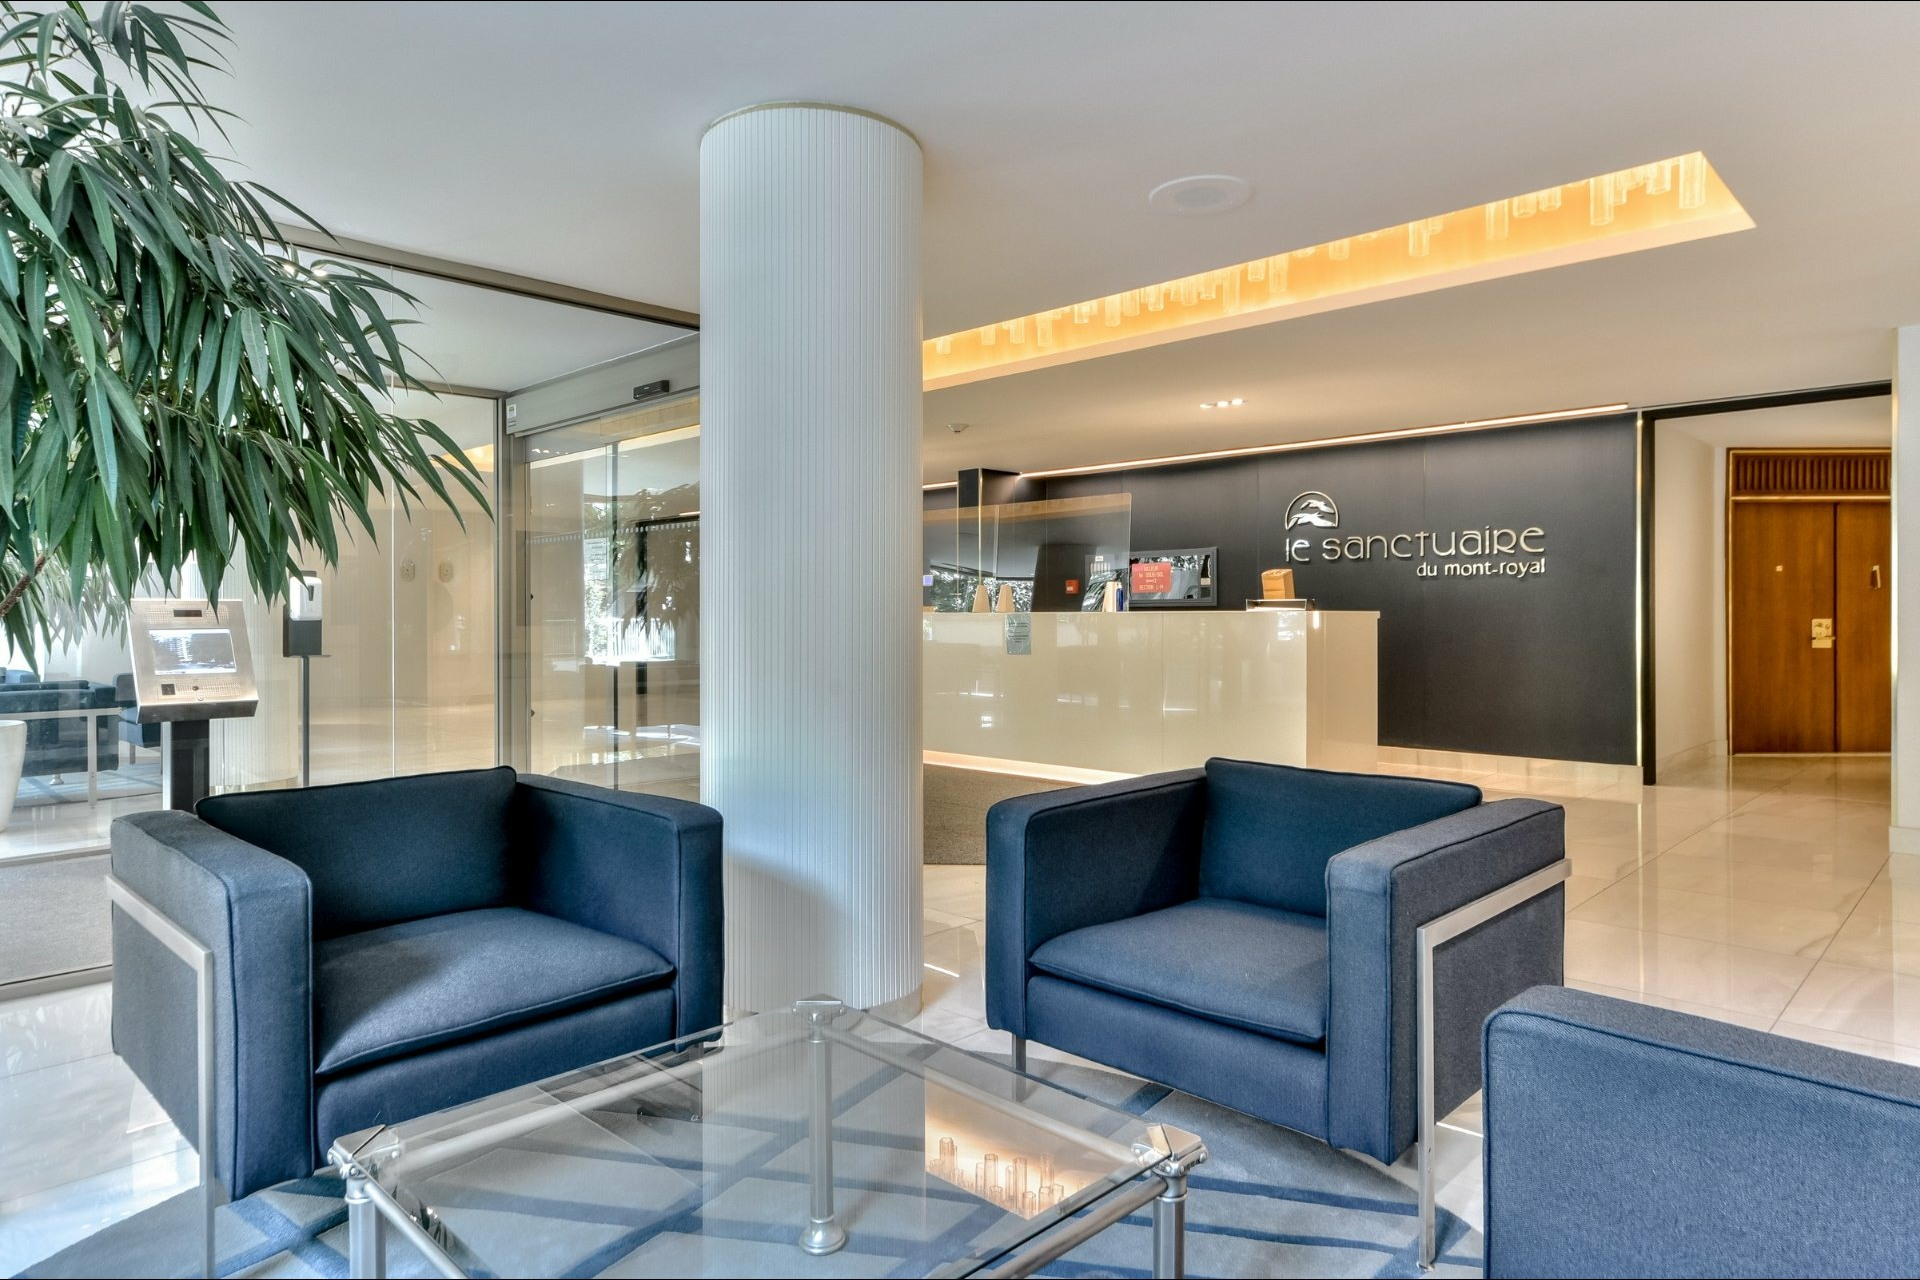 image 38 - Appartement À vendre Côte-des-Neiges/Notre-Dame-de-Grâce Montréal  - 12 pièces